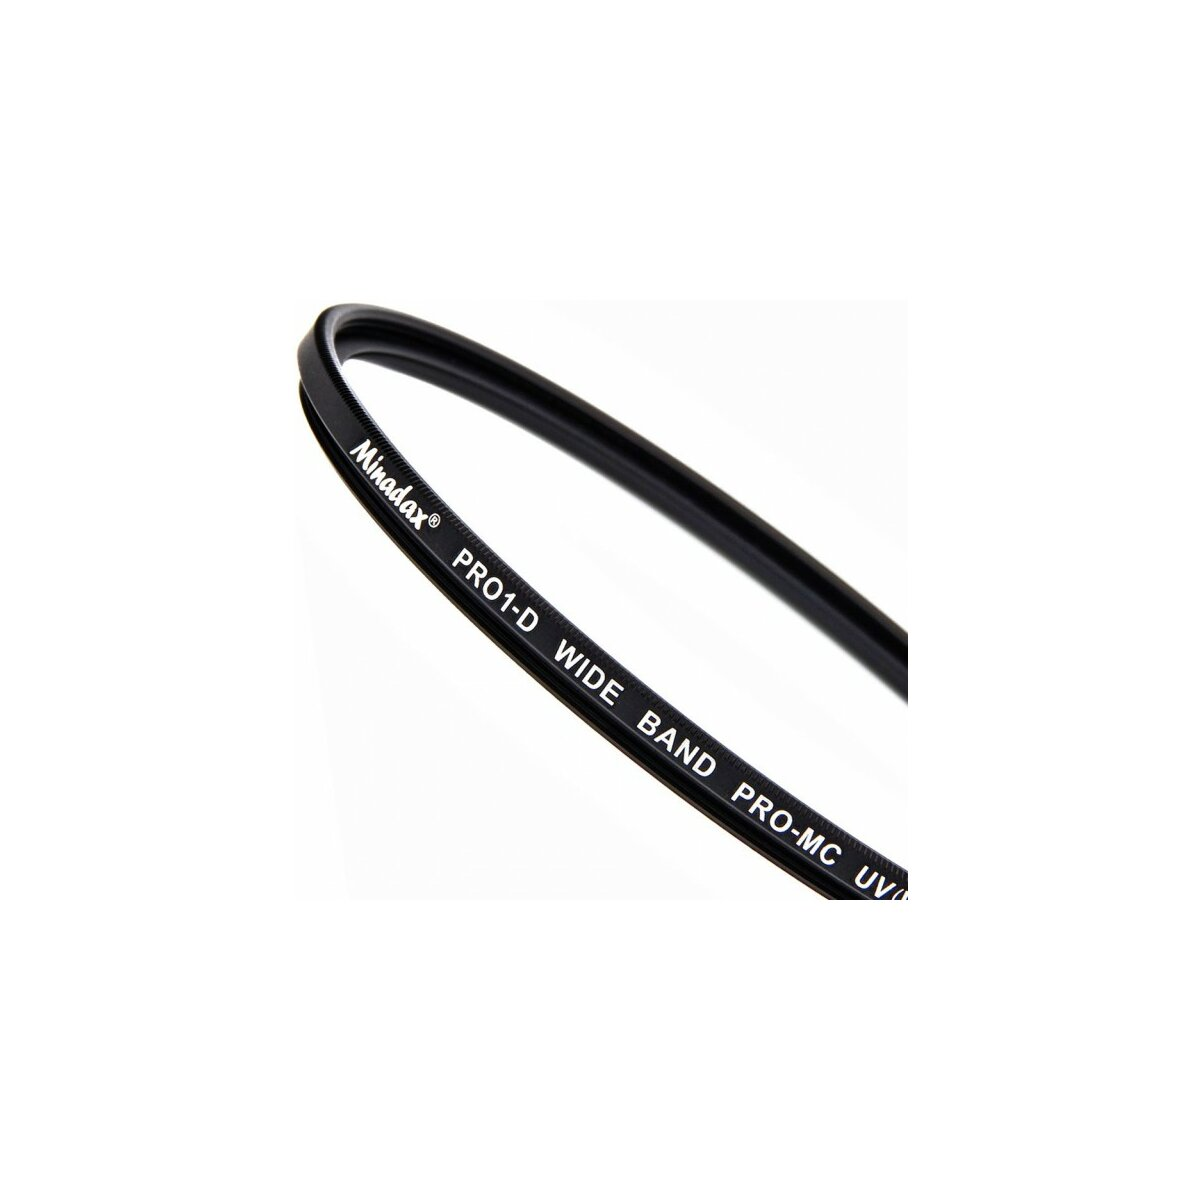 UV-Filter 62mm PRO-1D Slimline, ultraduenn 3mm & mehrfachverguetet